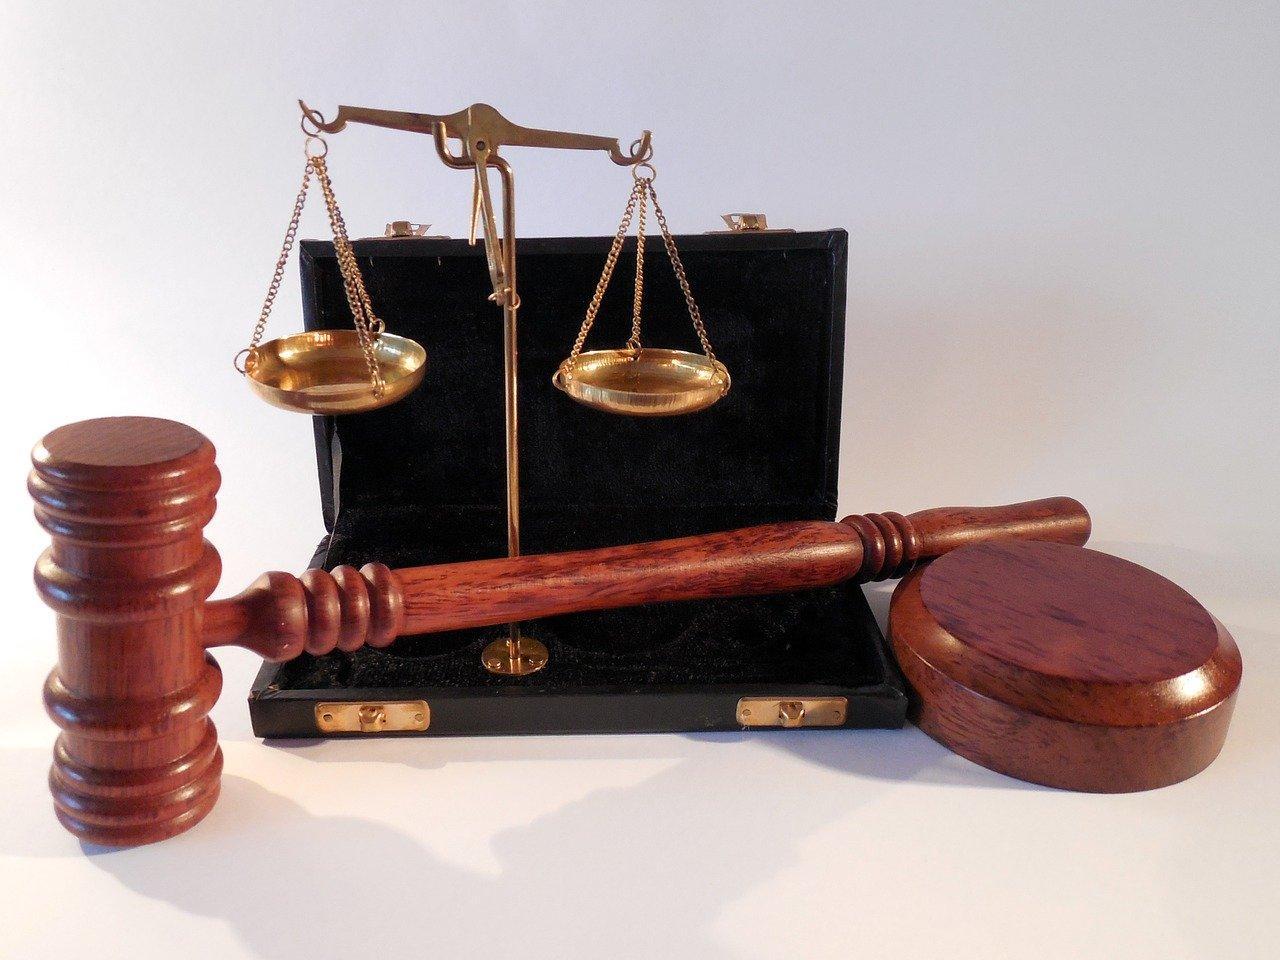 Путин подписал закон об отмене особого порядка рассмотрения дел по тяжким преступлениям